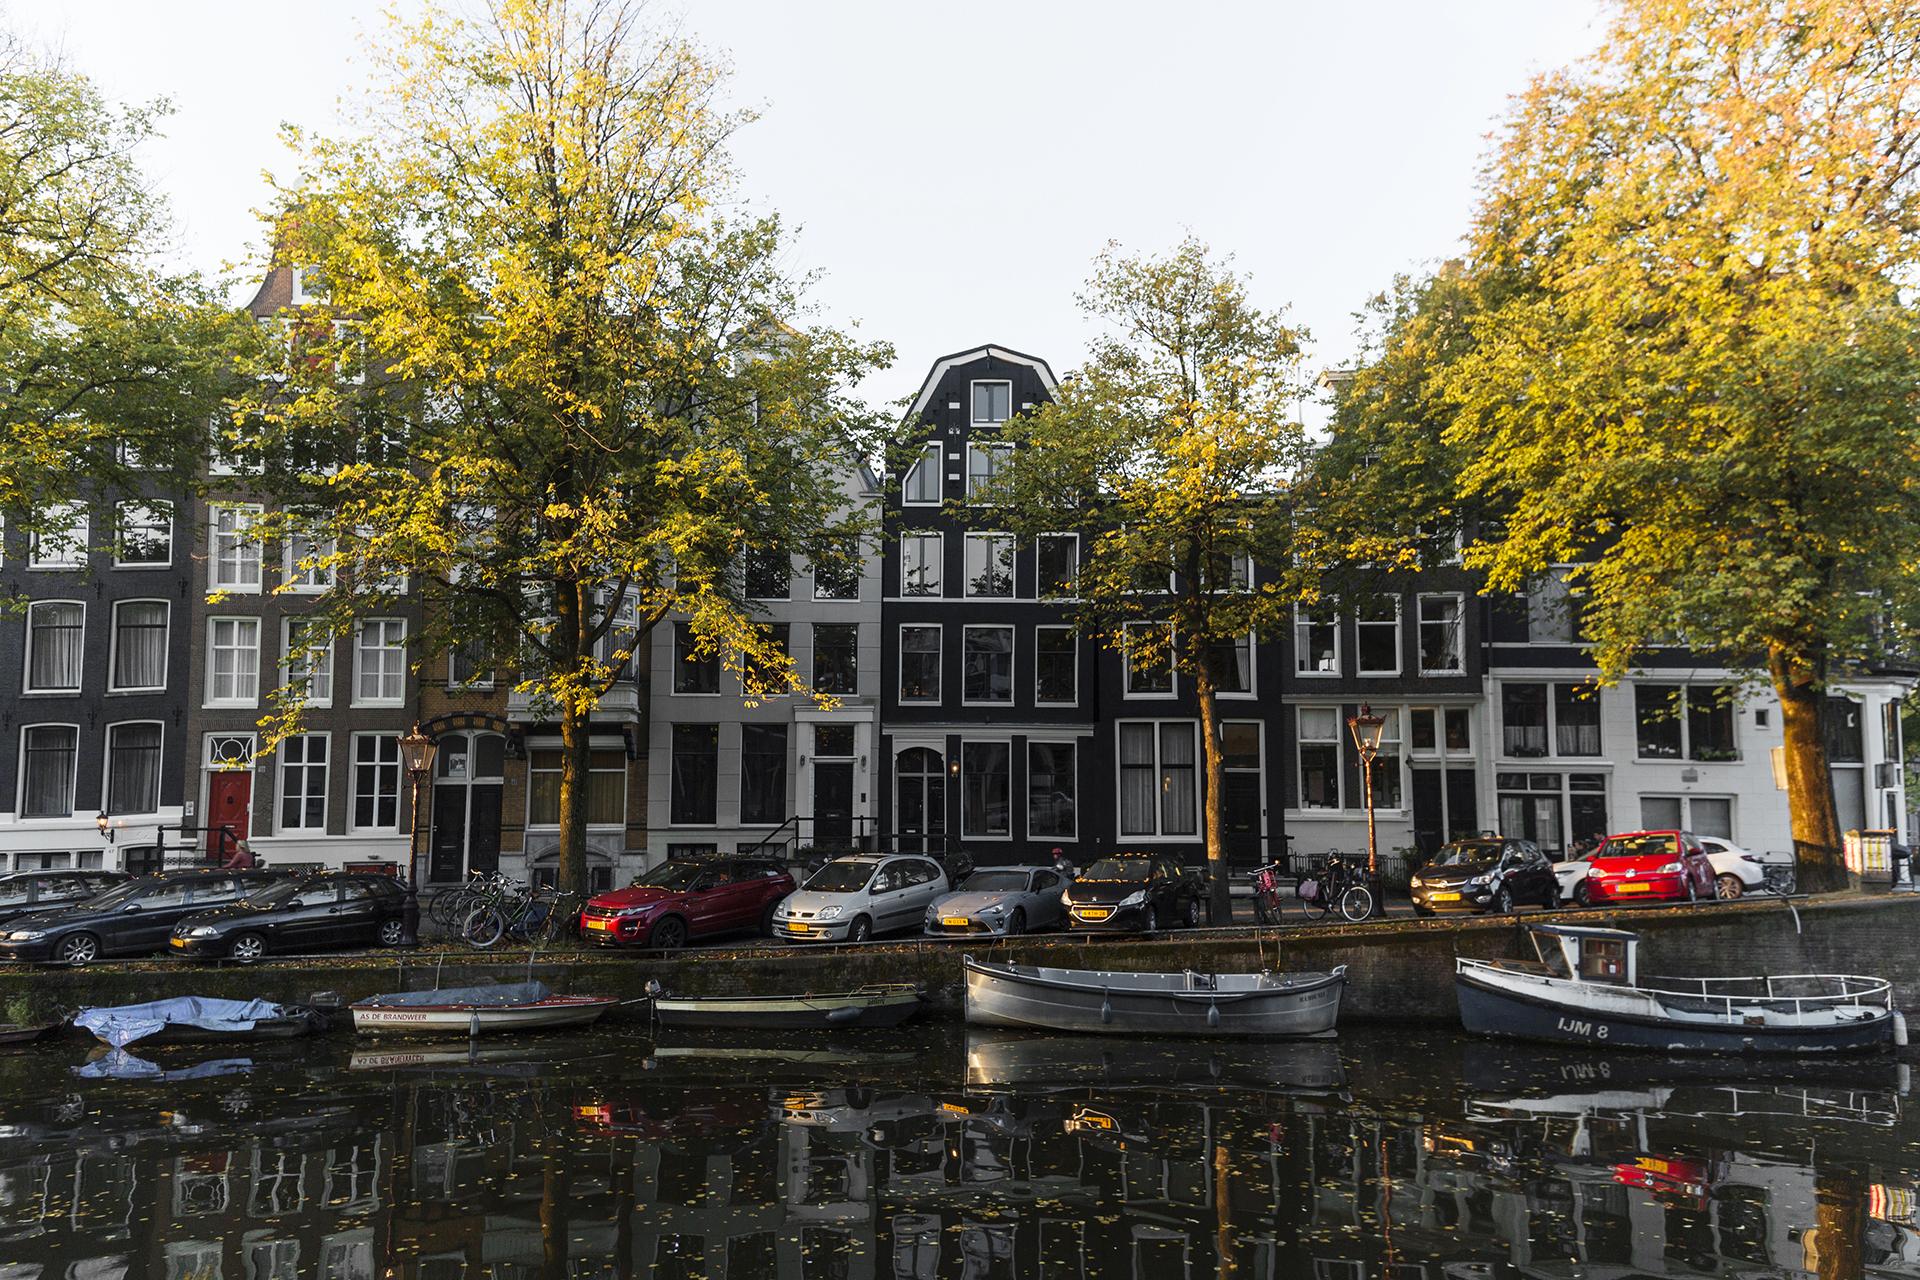 Tim_Allen-Amsterdam-06.jpg